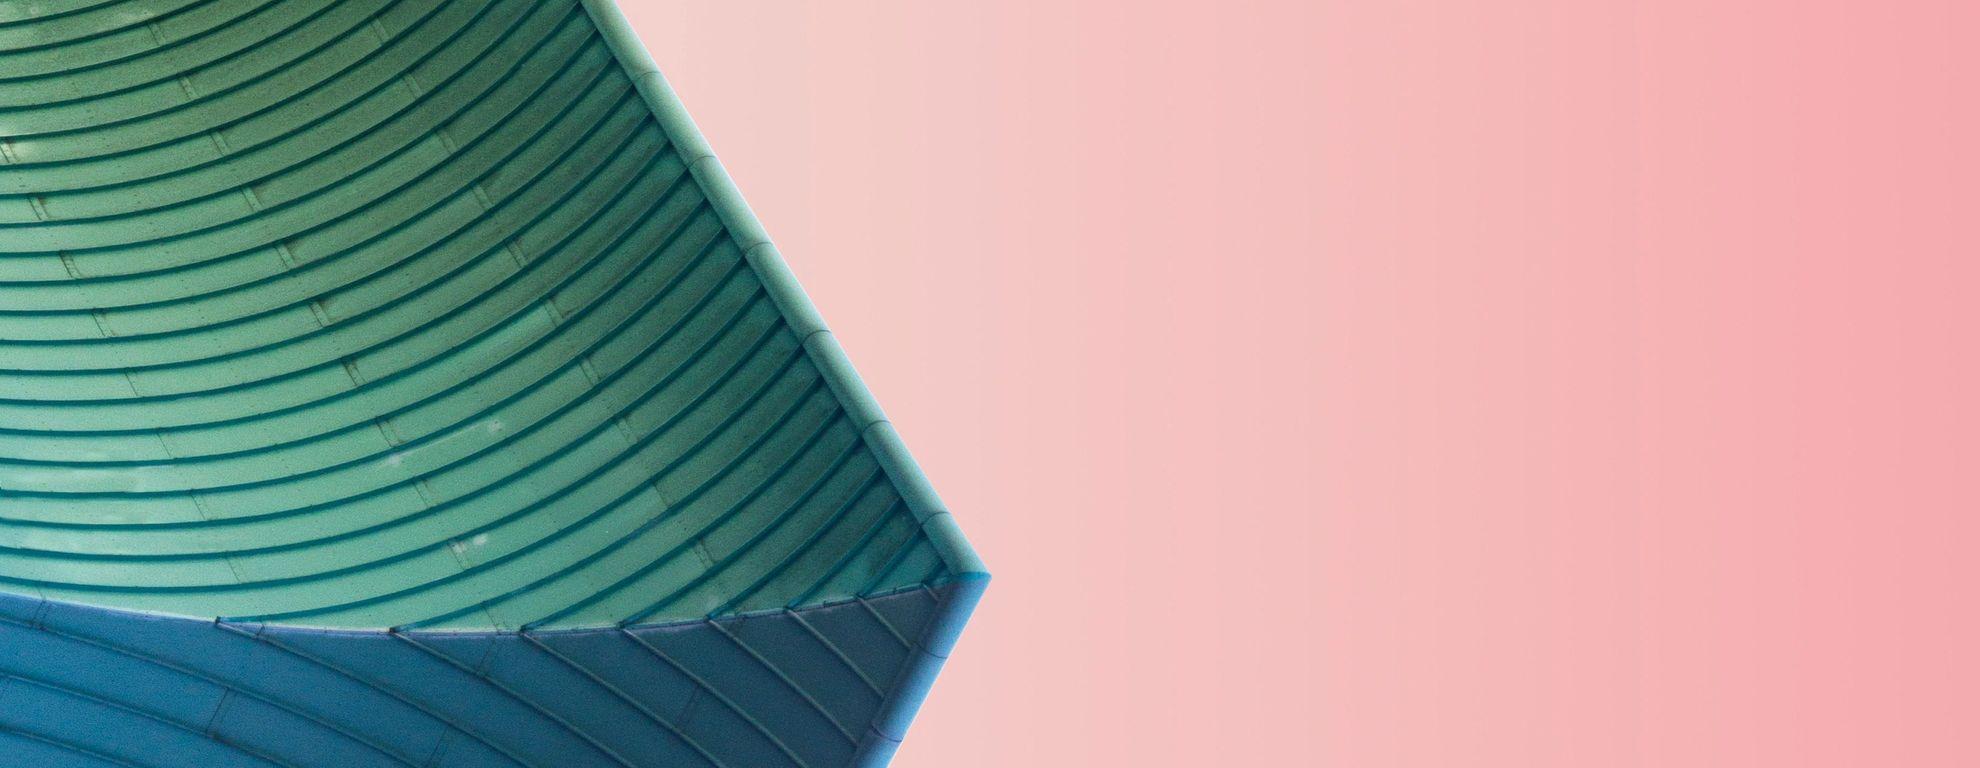 Núcleo lenticular: qué es, estructura y funciones en el cerebro - Featured image